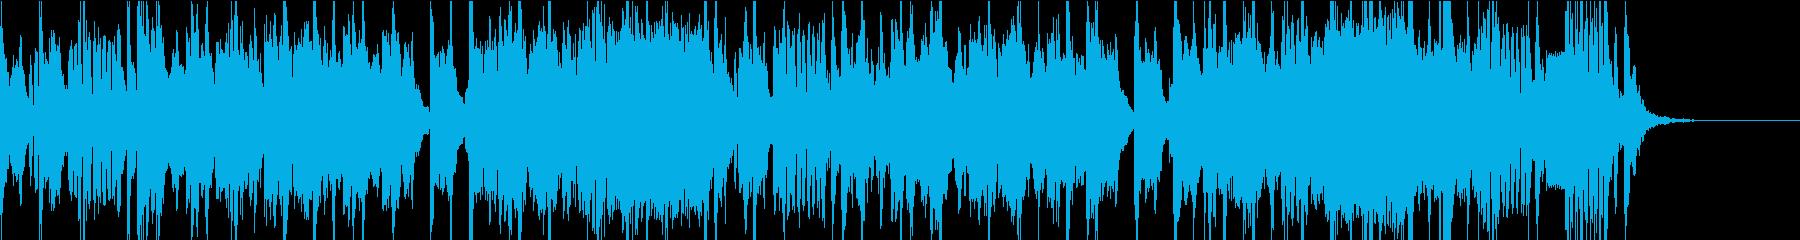 低音がズシンとくる登場音楽の再生済みの波形